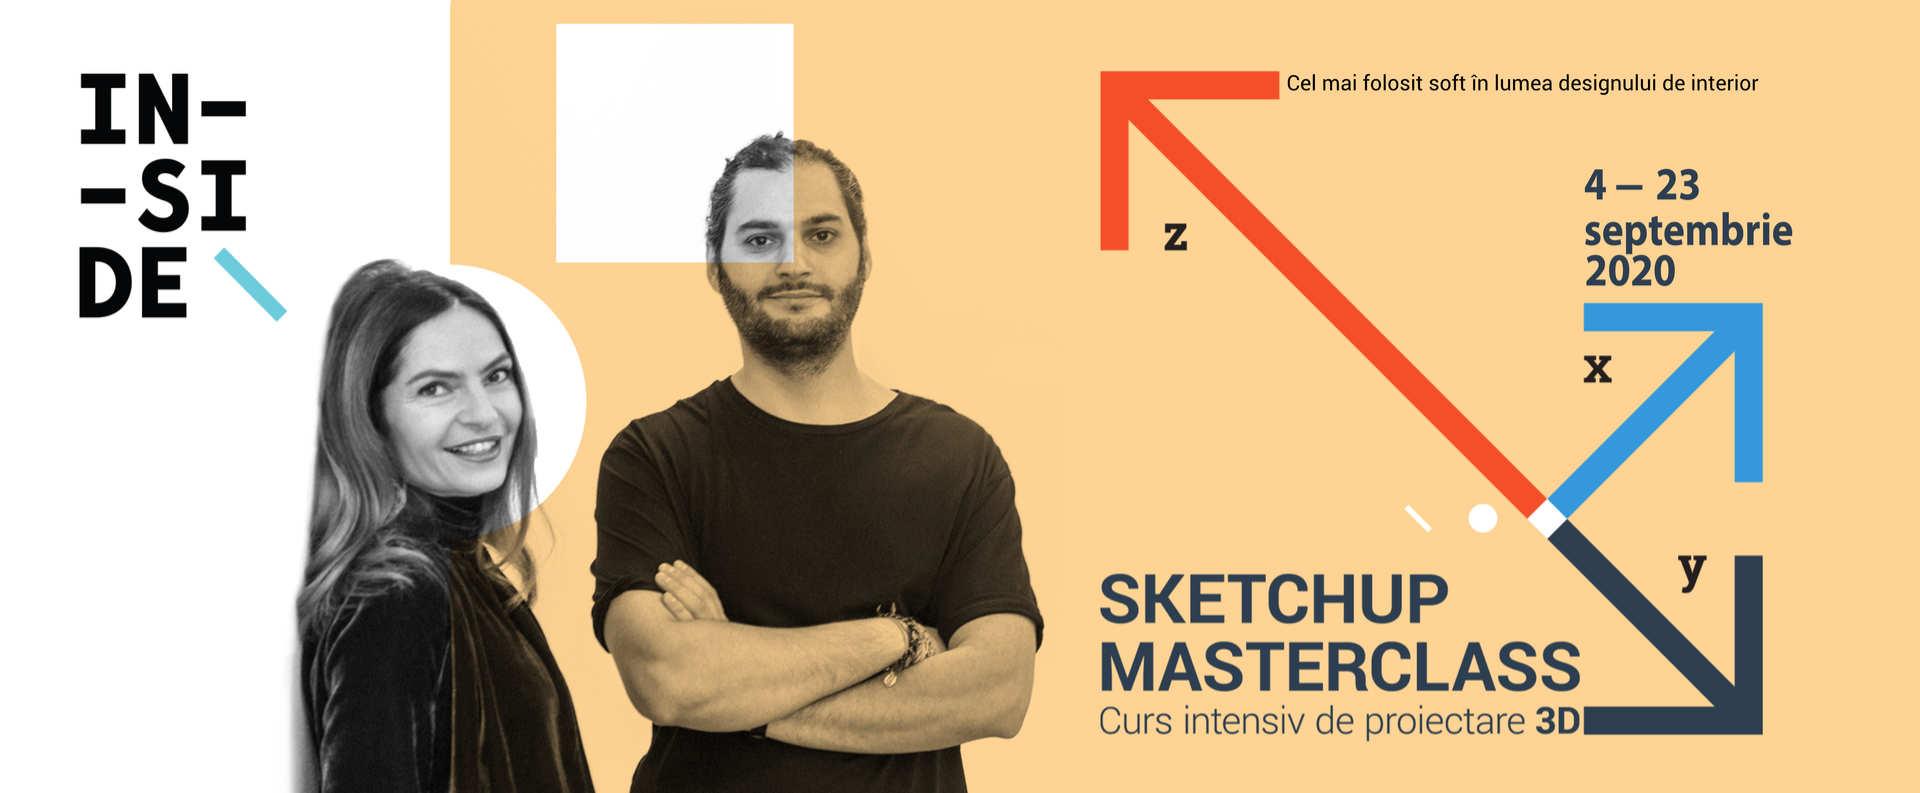 Sketchup Masterclass